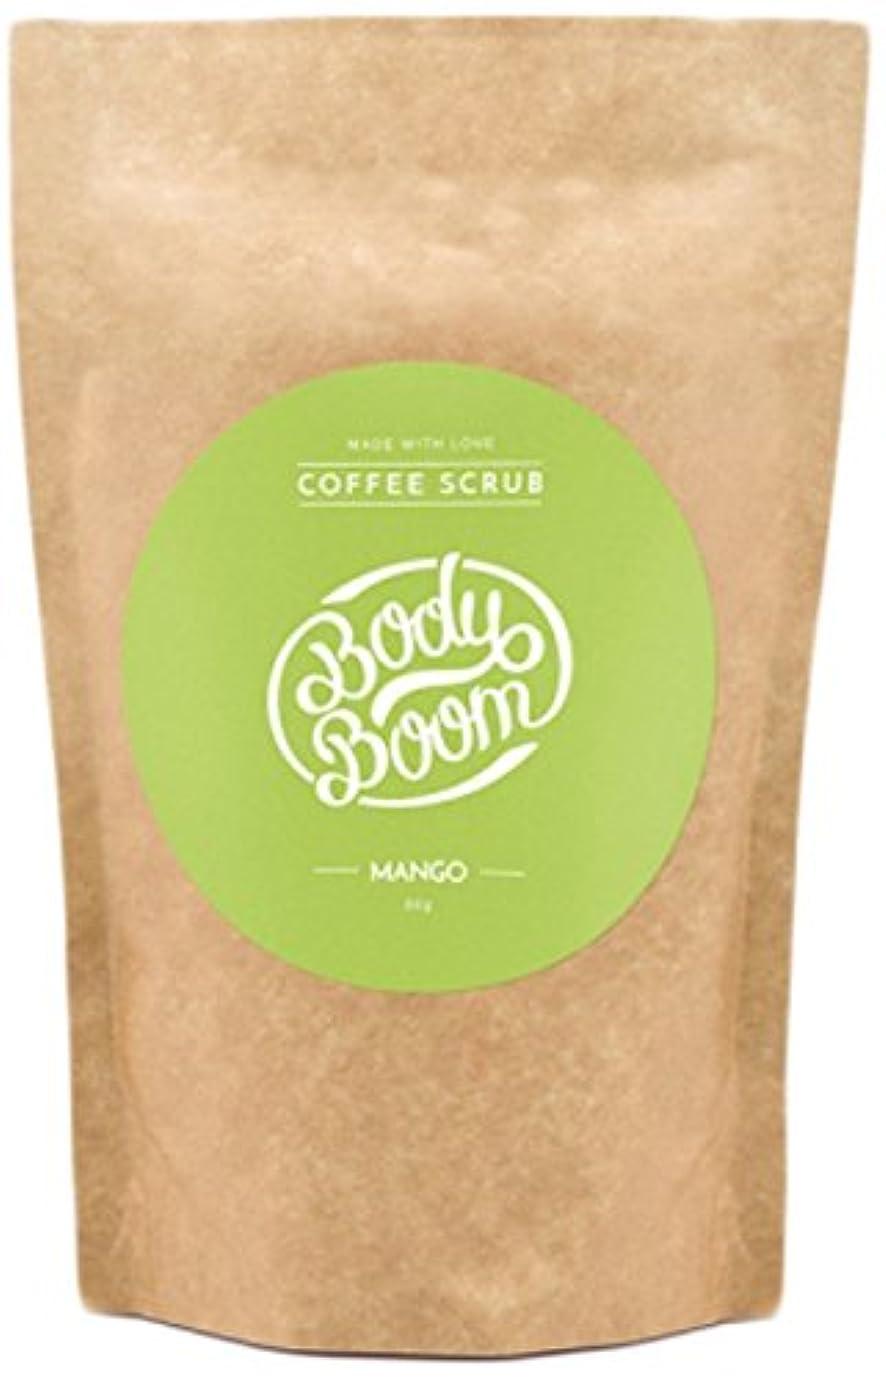 うま勤勉なゾーンコーヒースクラブ Body Boom ボディブーム マンゴー 30g